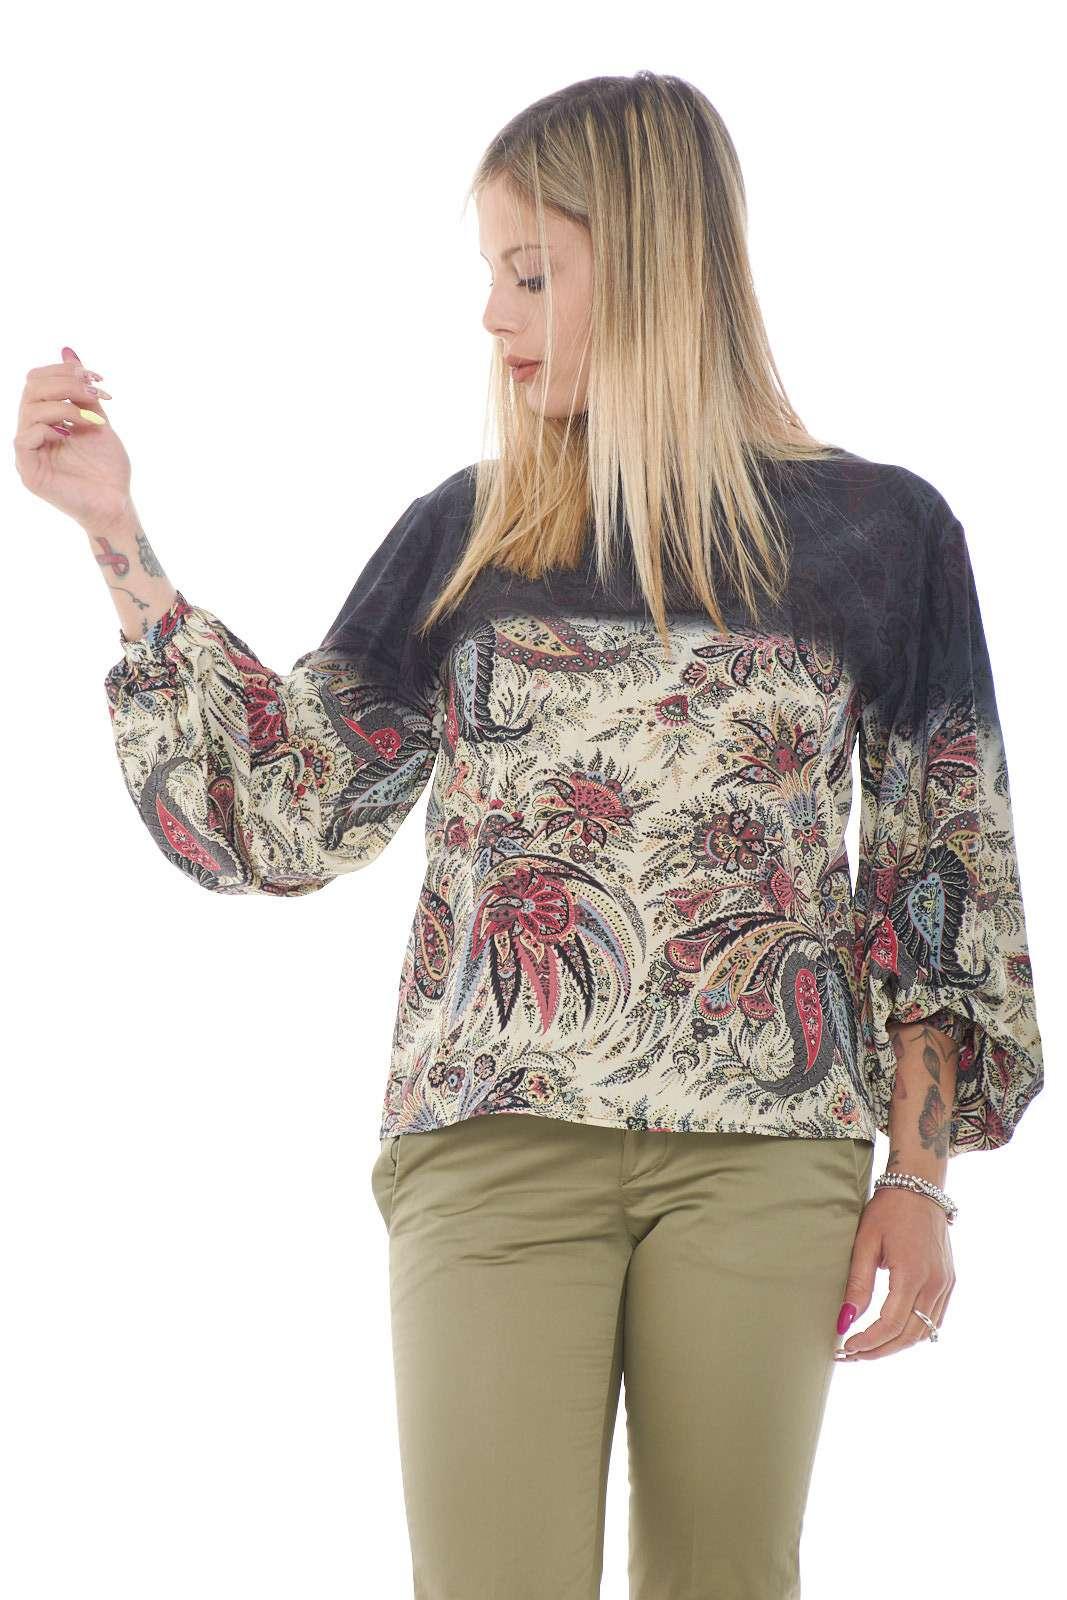 Una blusa in seta morbida ed elegante, firmata Etro. Perfetta per outfit classici e formali, da sfruttare per le occasioni più esclusive. Per la donna che ama i capi curati e chic.